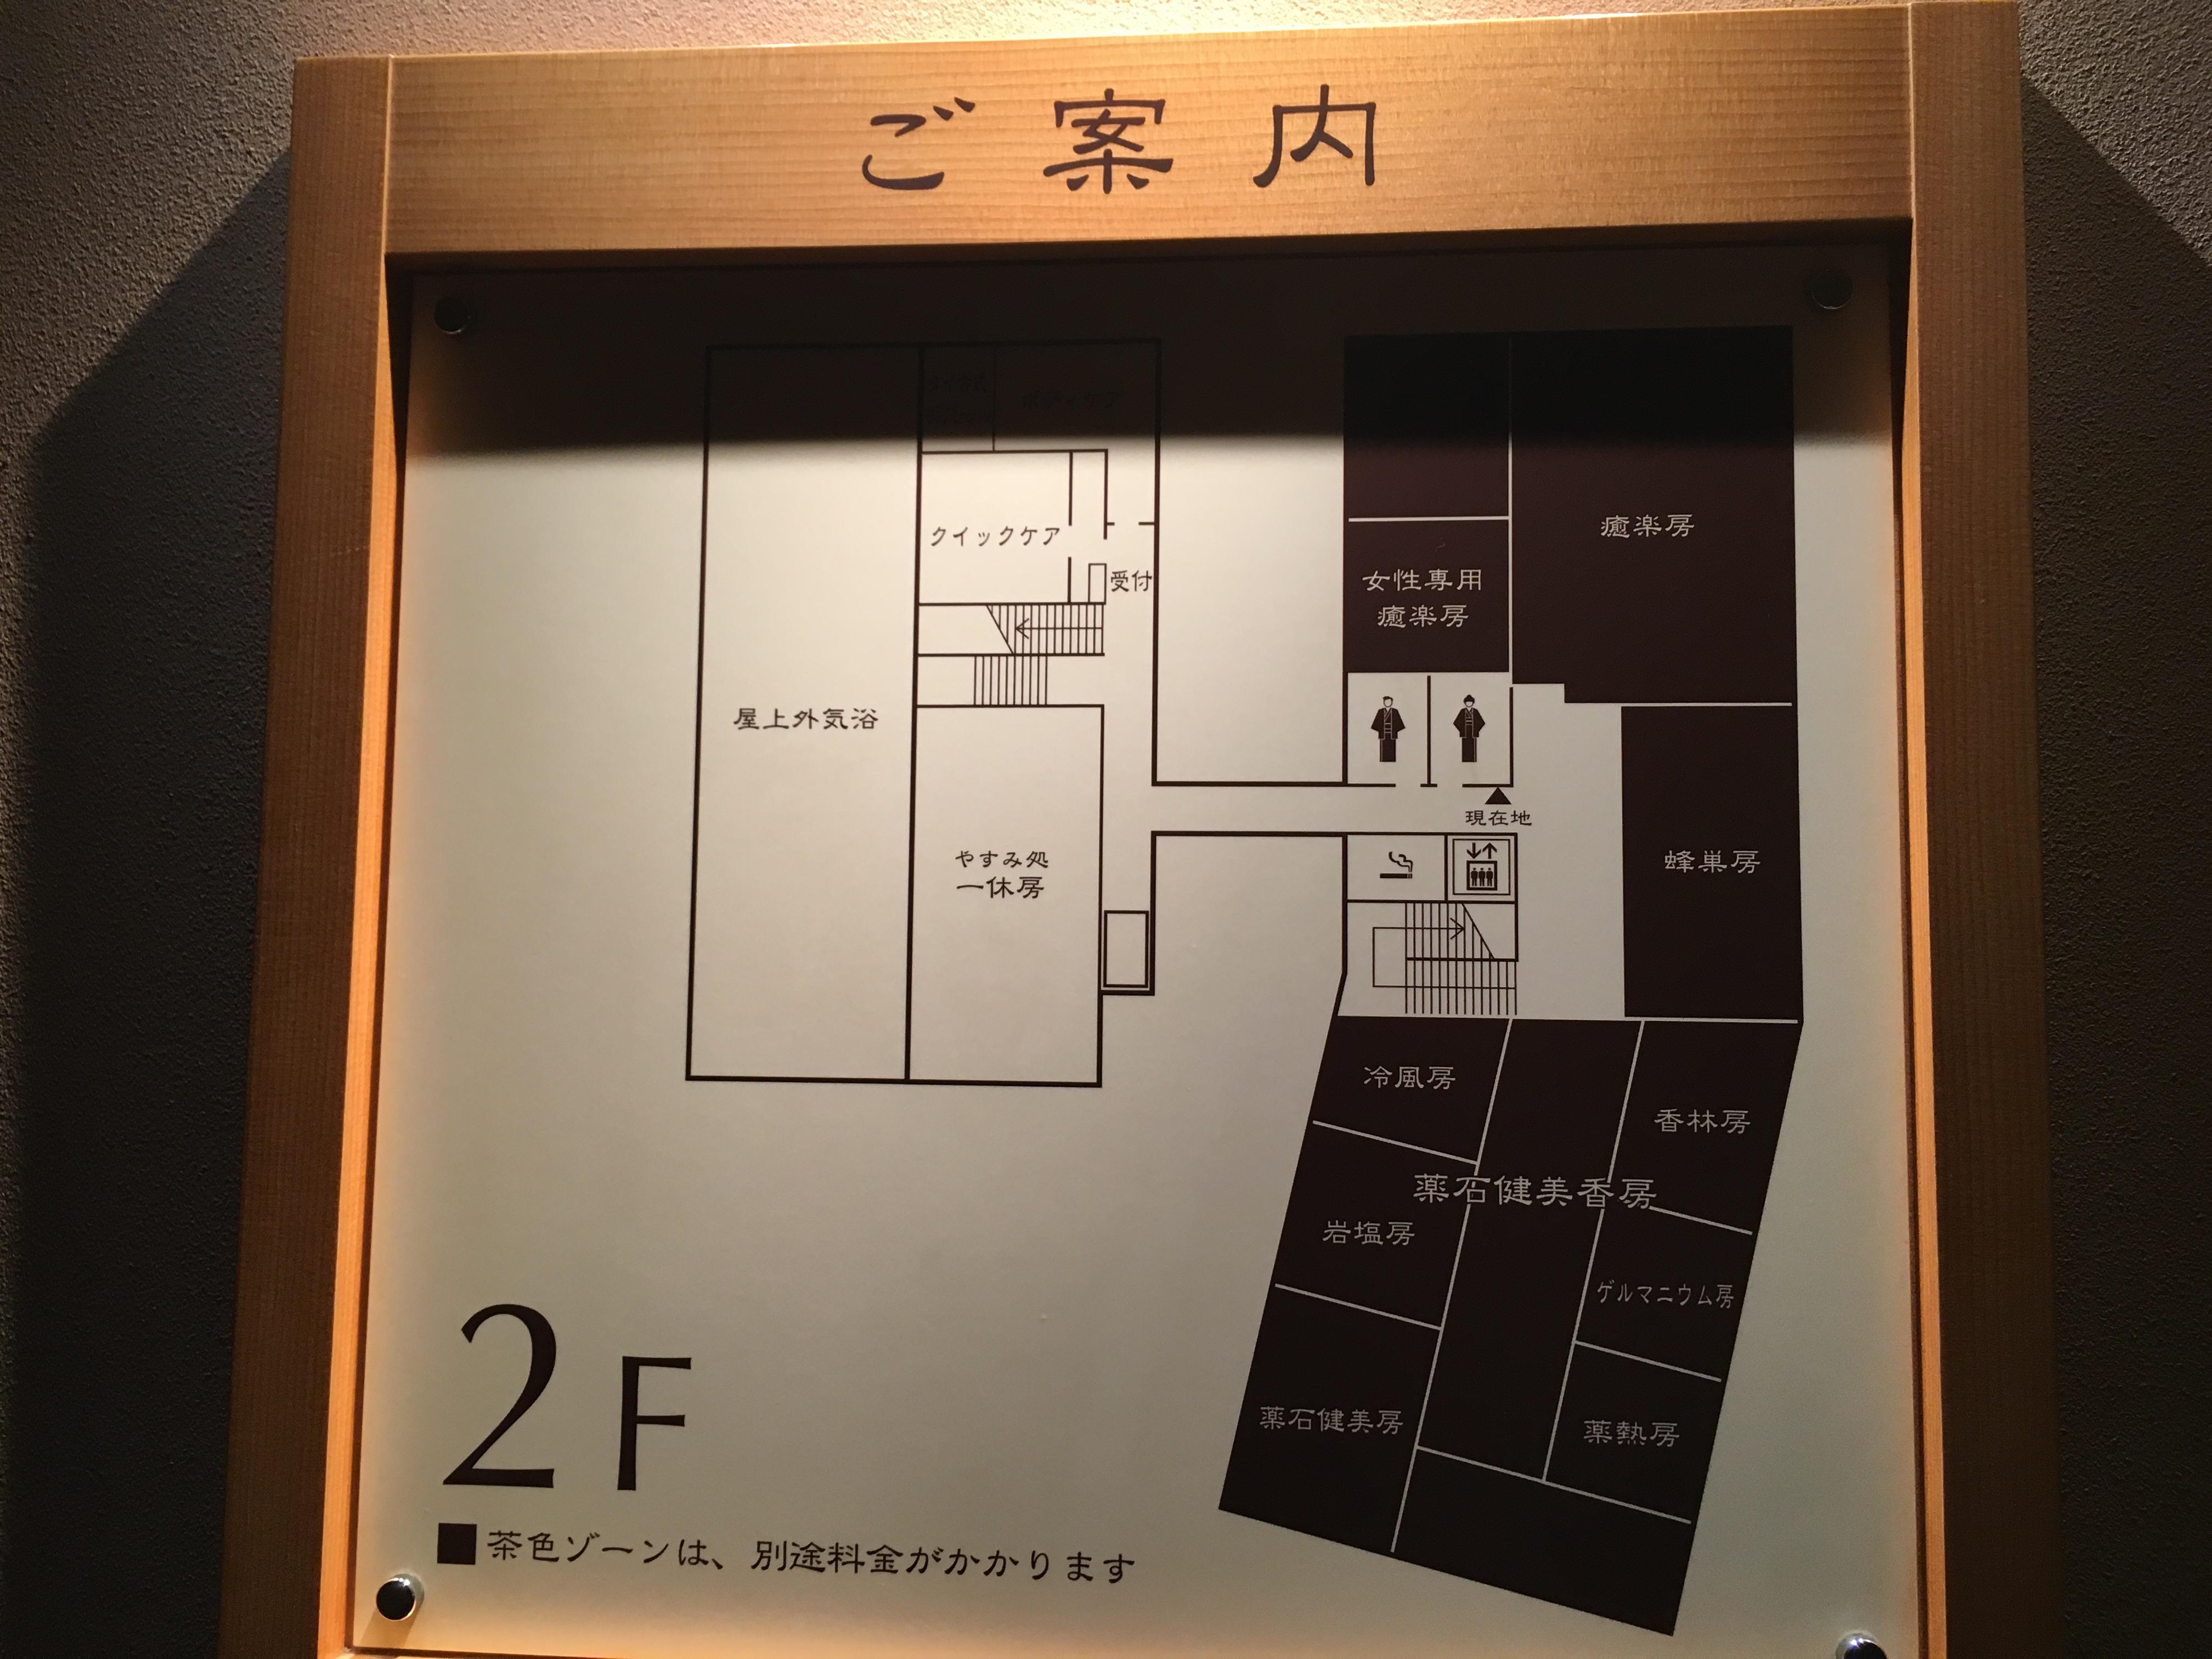 波葉之湯二樓平面圖